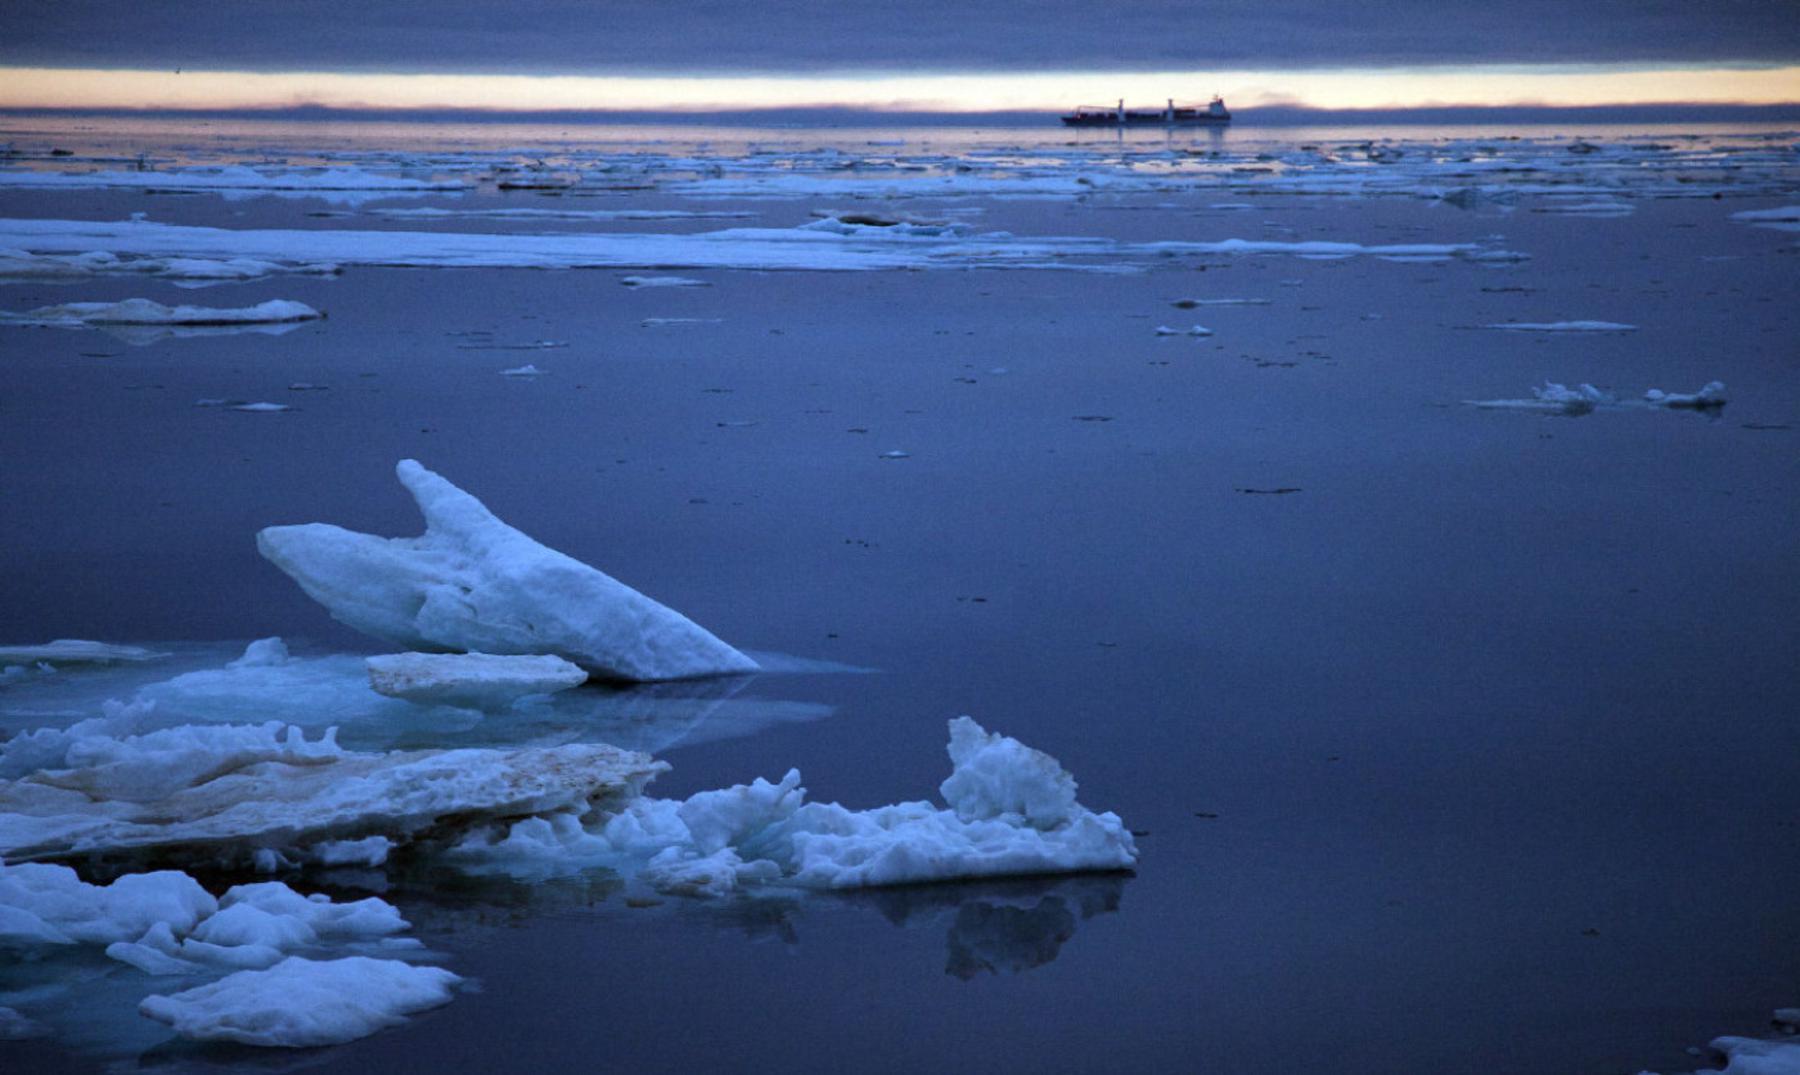 El SS Baychimo, el barco fantasma del Ártico